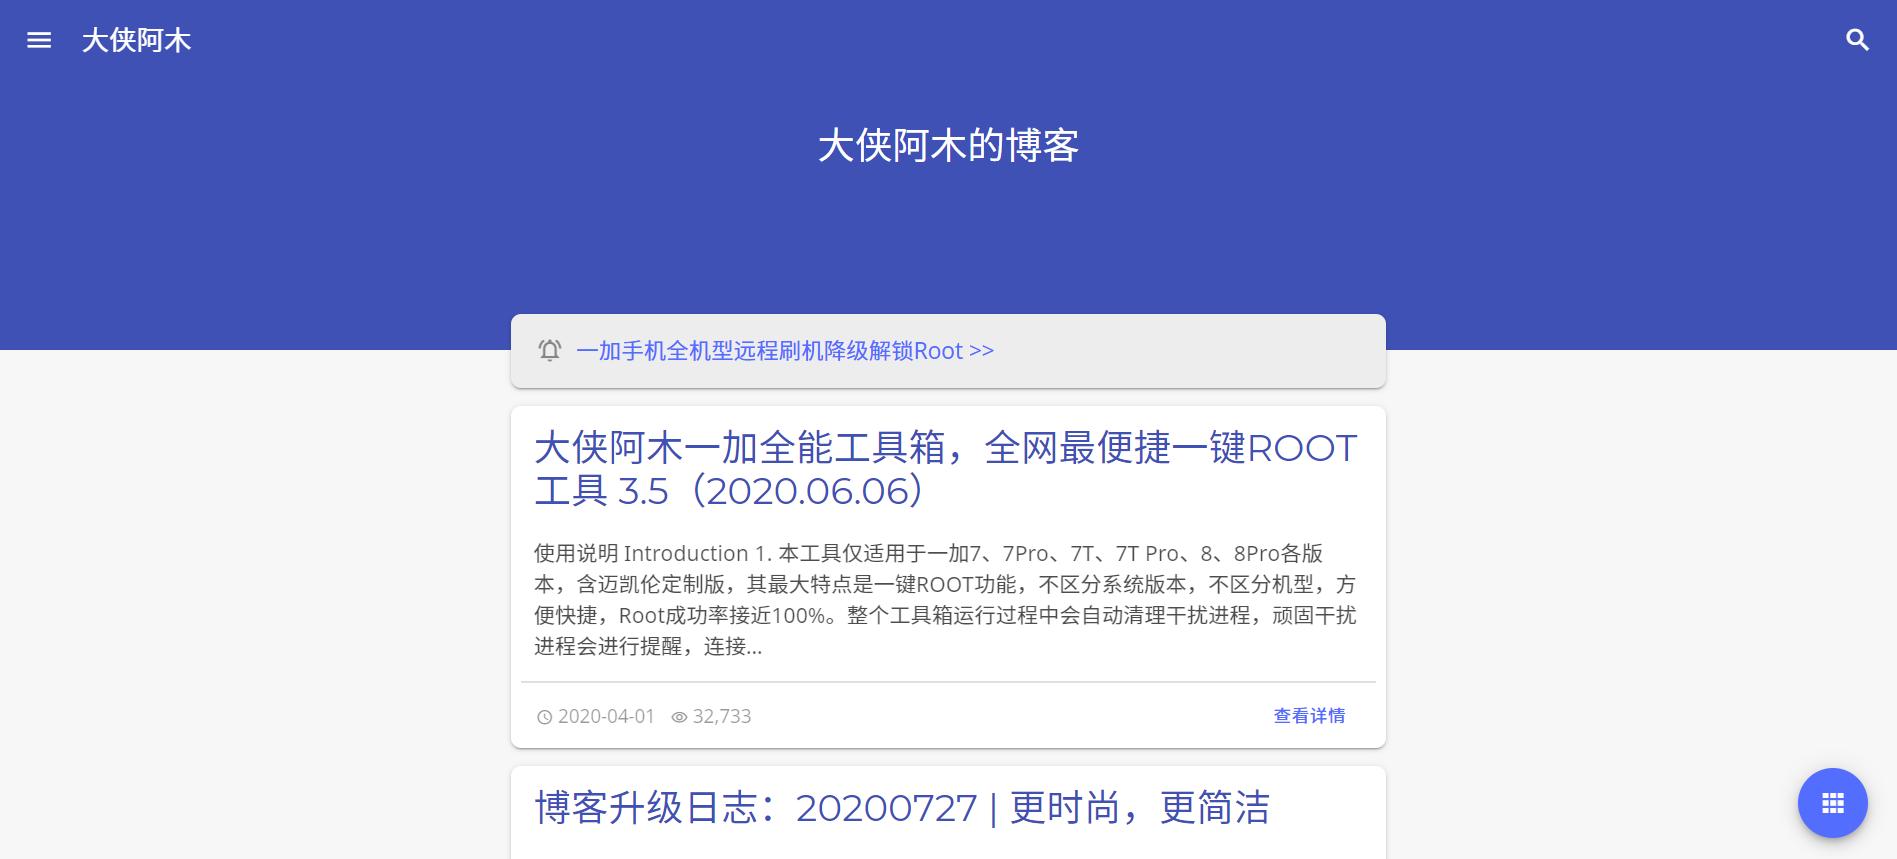 博客升级日志:20200727 | 更时尚,更简洁